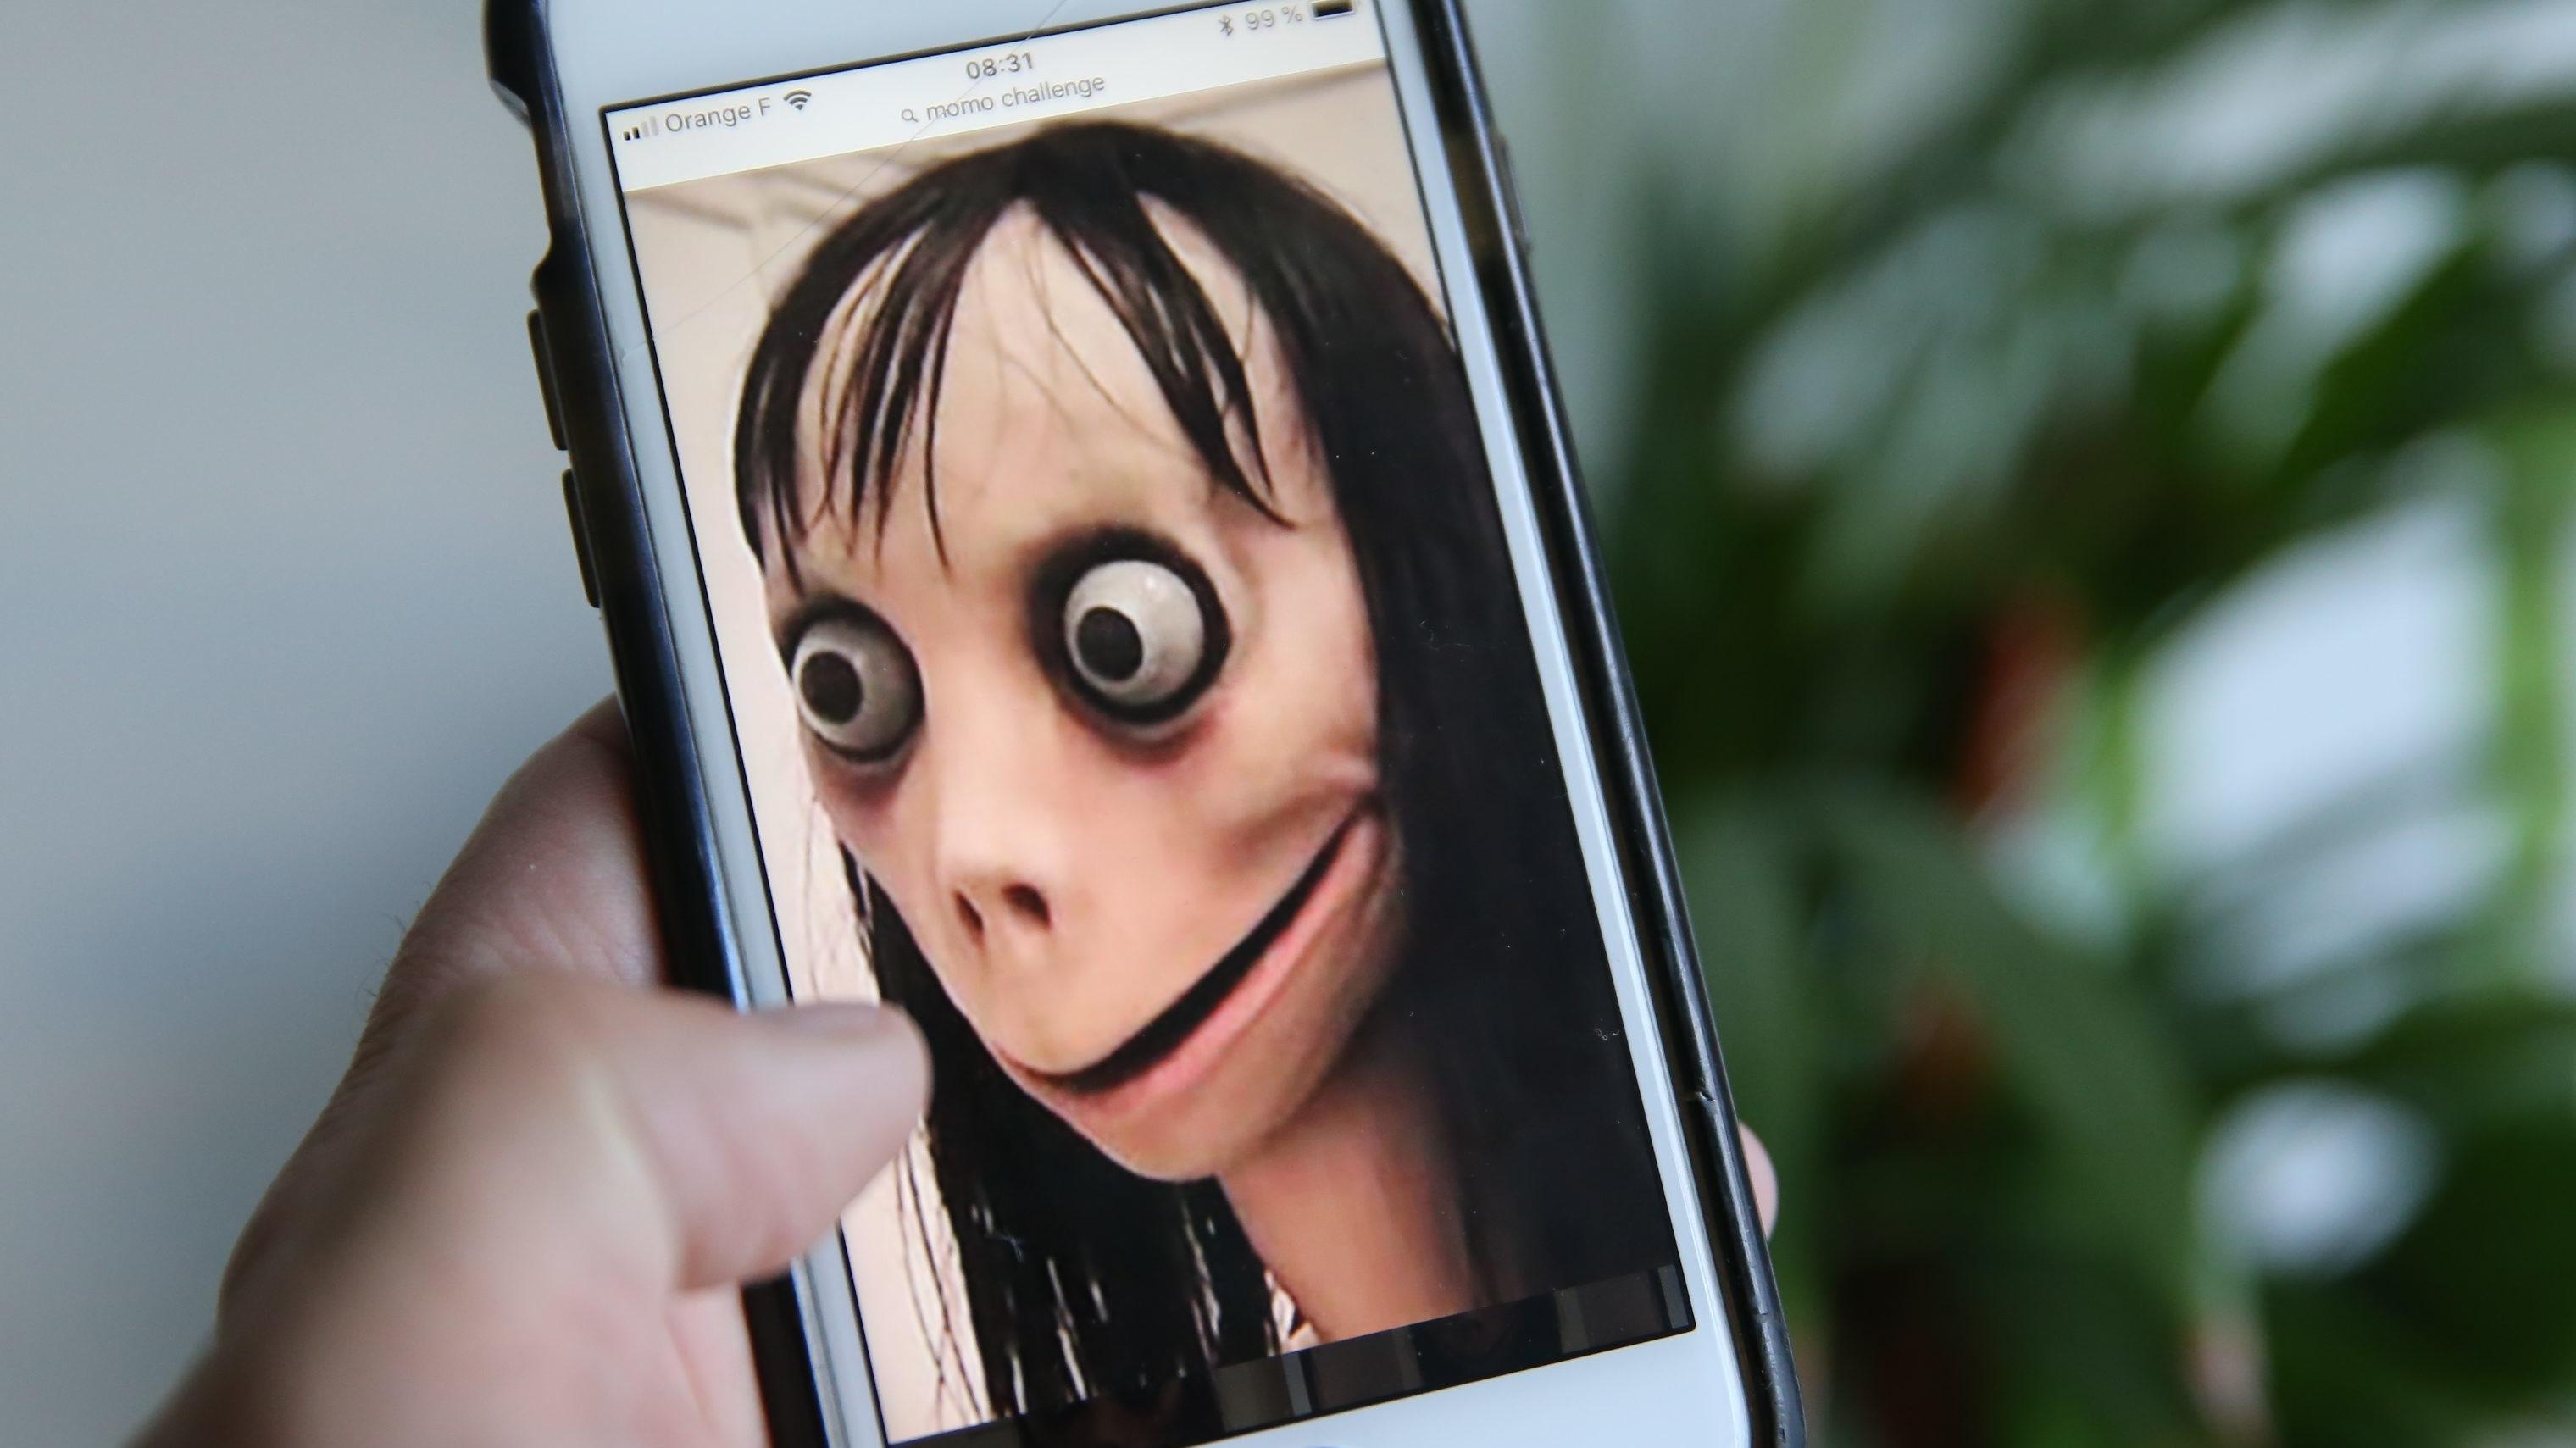 """Horrorfigur """"Momo"""" auf einem Smartphone"""